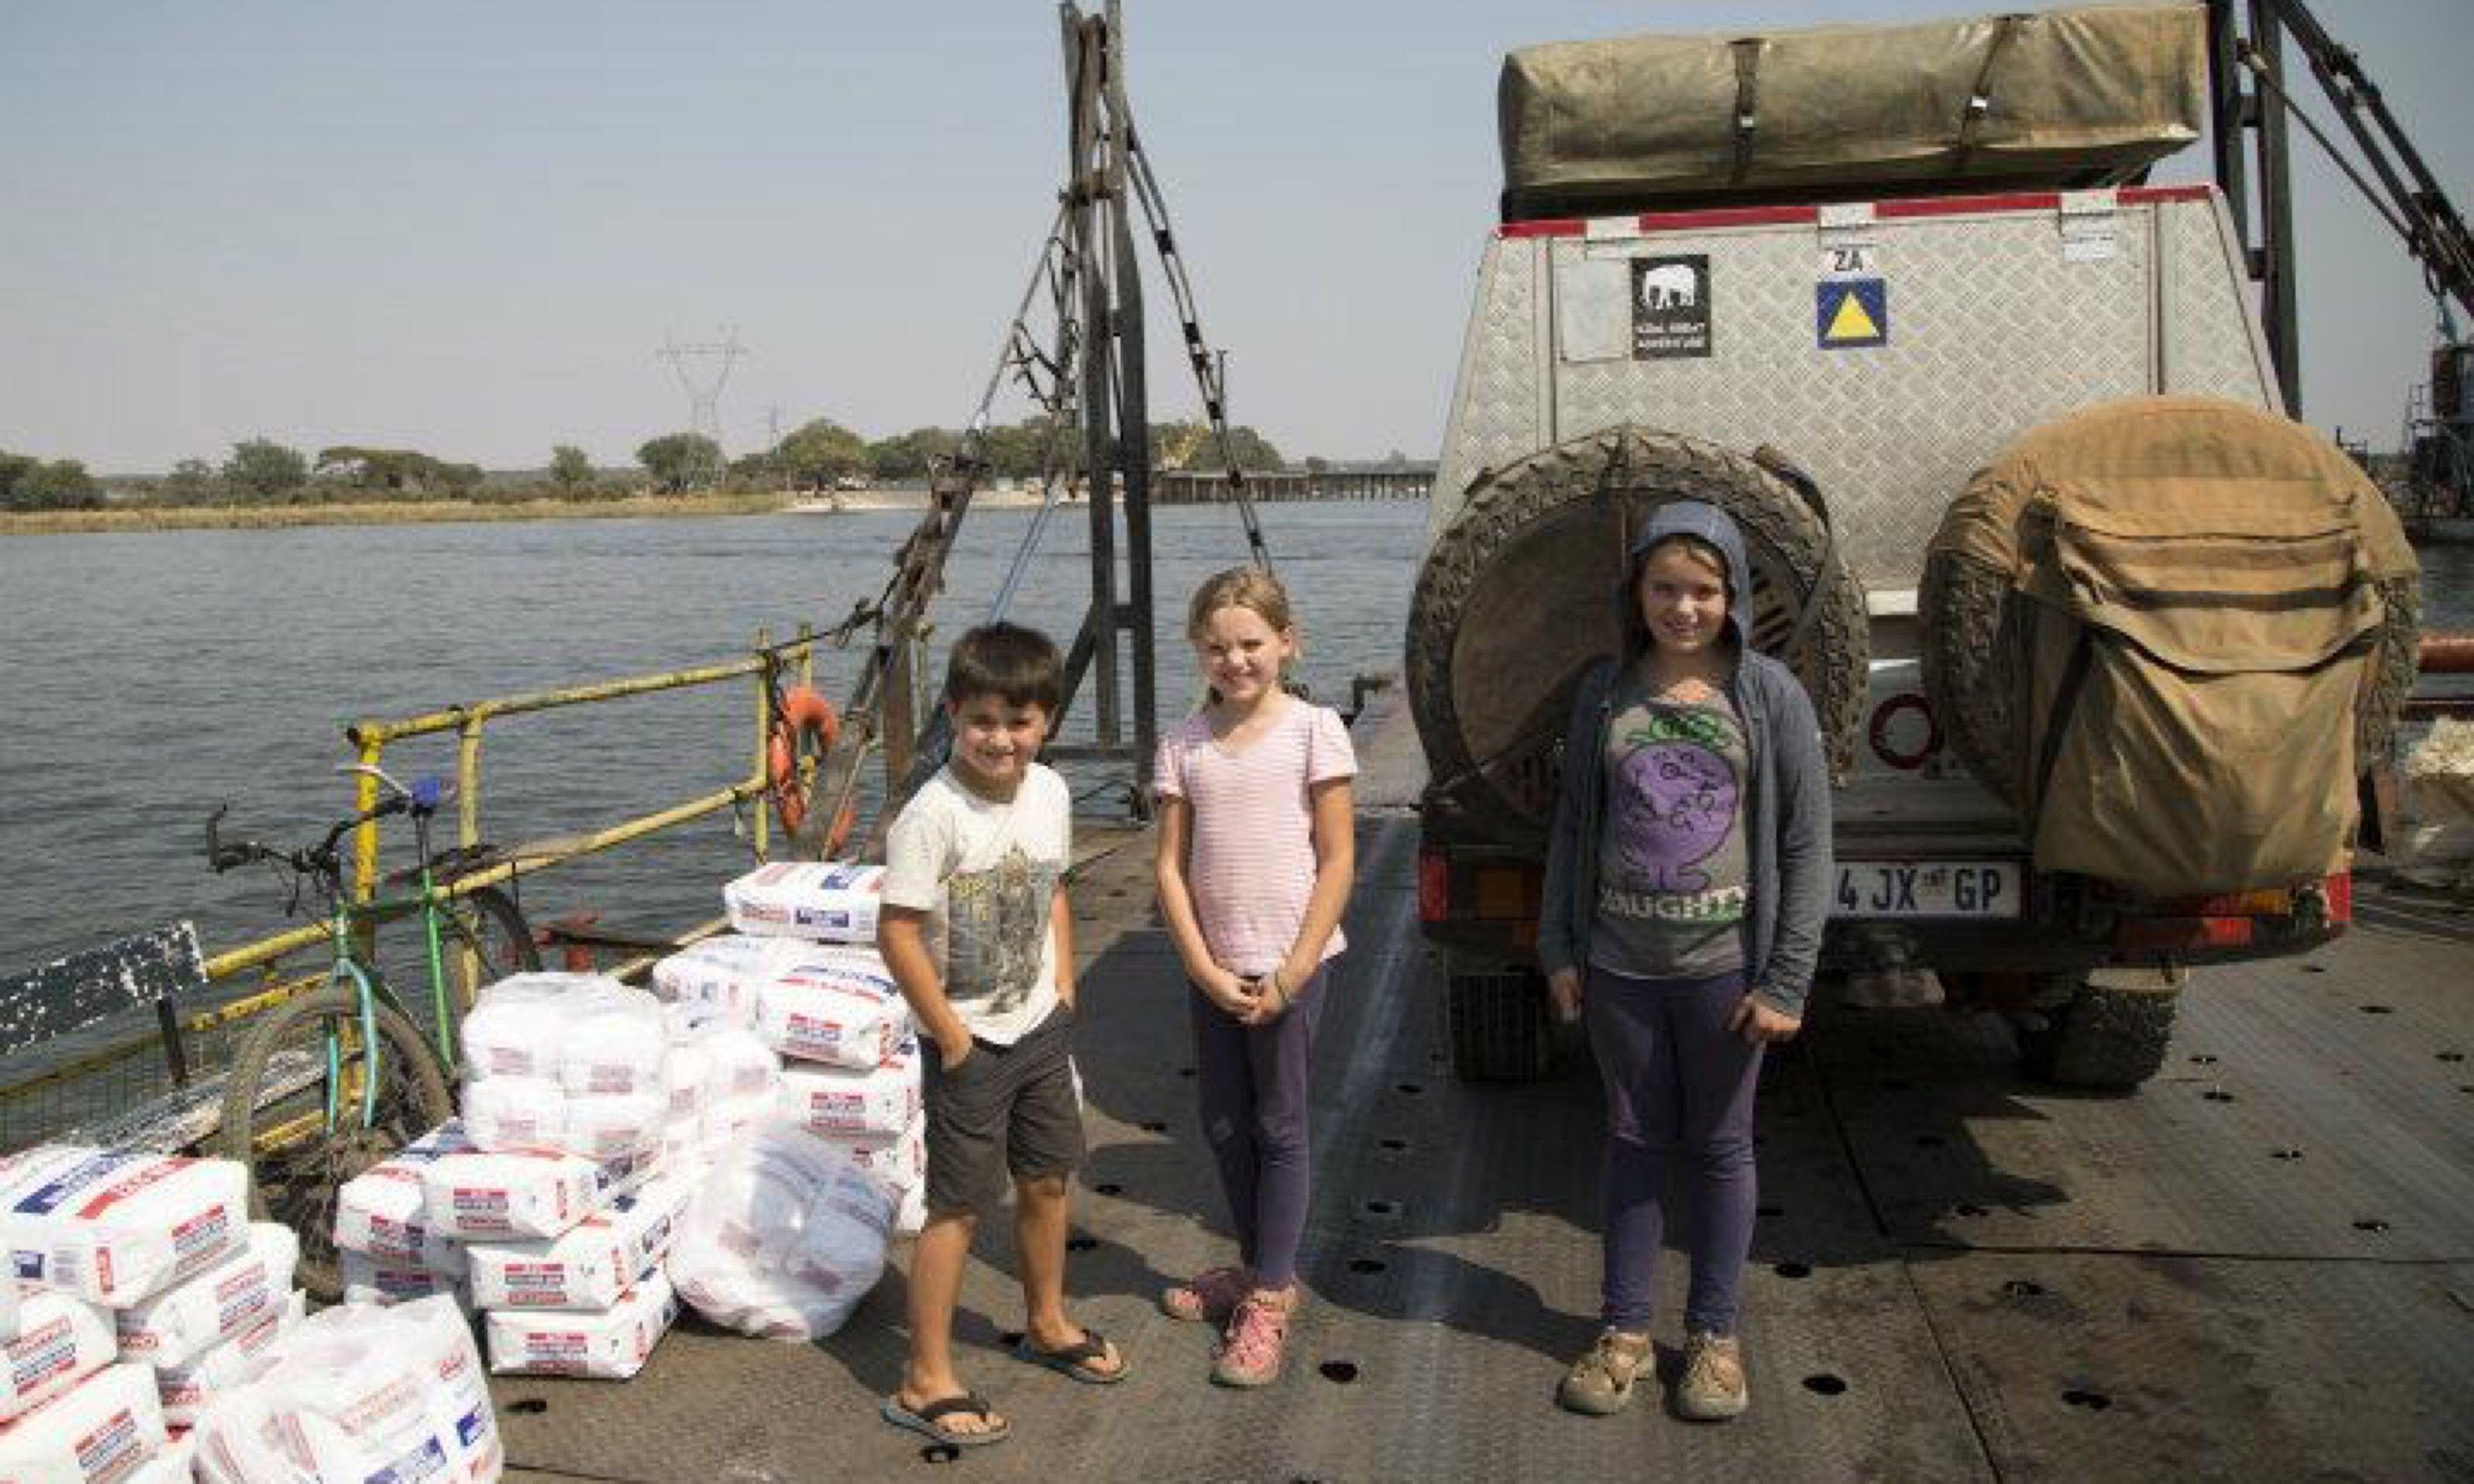 Crossing the Zambezi River (Edwina Cagol)